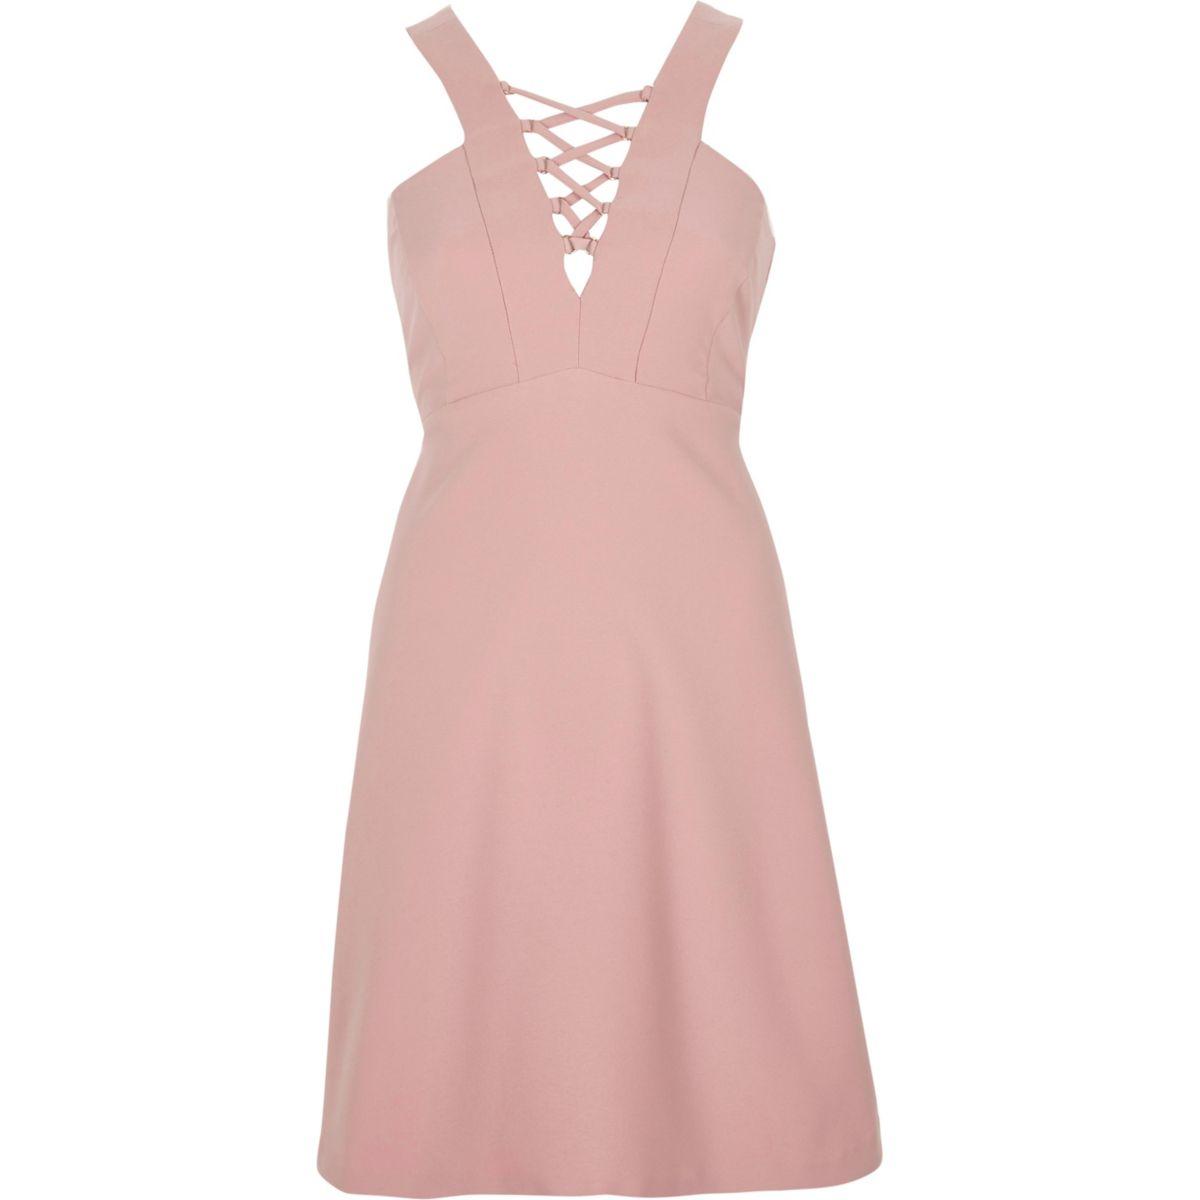 Light pink lace-up front skater dress